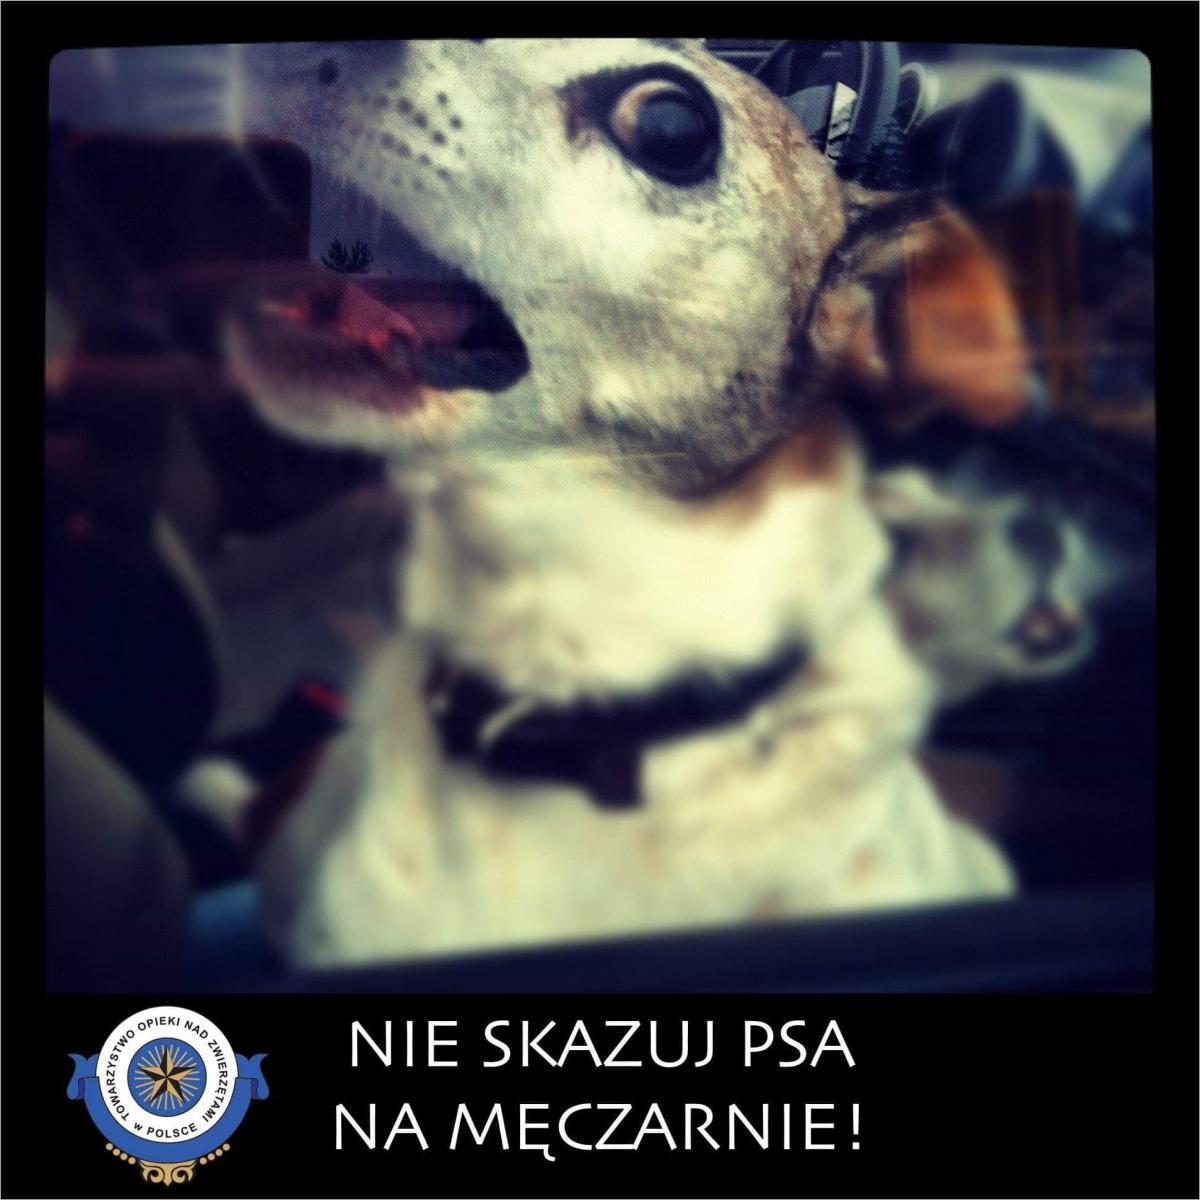 Publikujemy apel Towarzystwa Opieki nad Zwierzętami w Polsce, w którym zachęcamy Was do wzmożonej troski skierowanej w stronę Waszych ulubieńców!